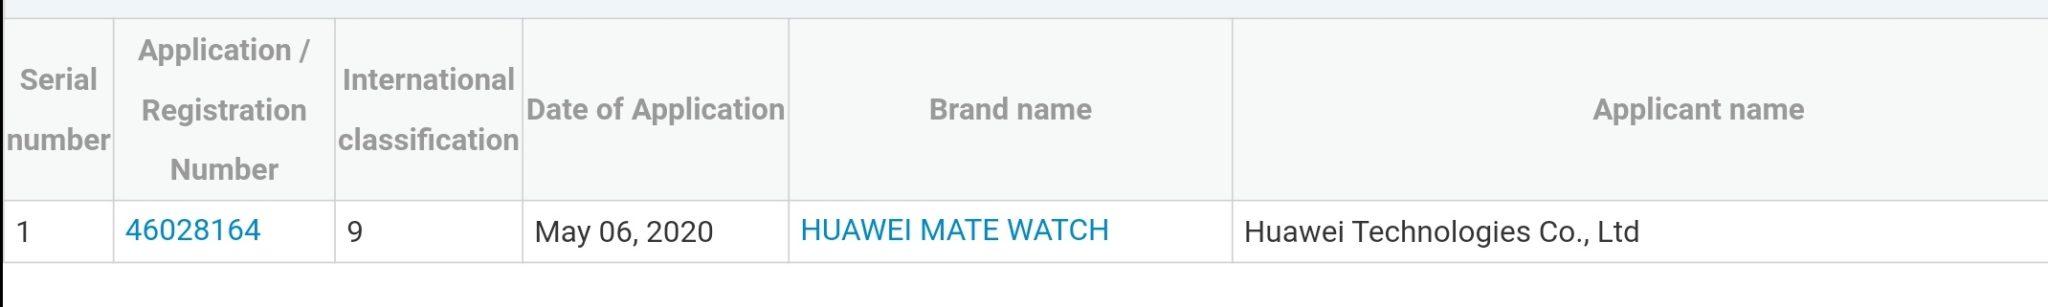 Huawei files to trademark HUAWEI MATE WATCH